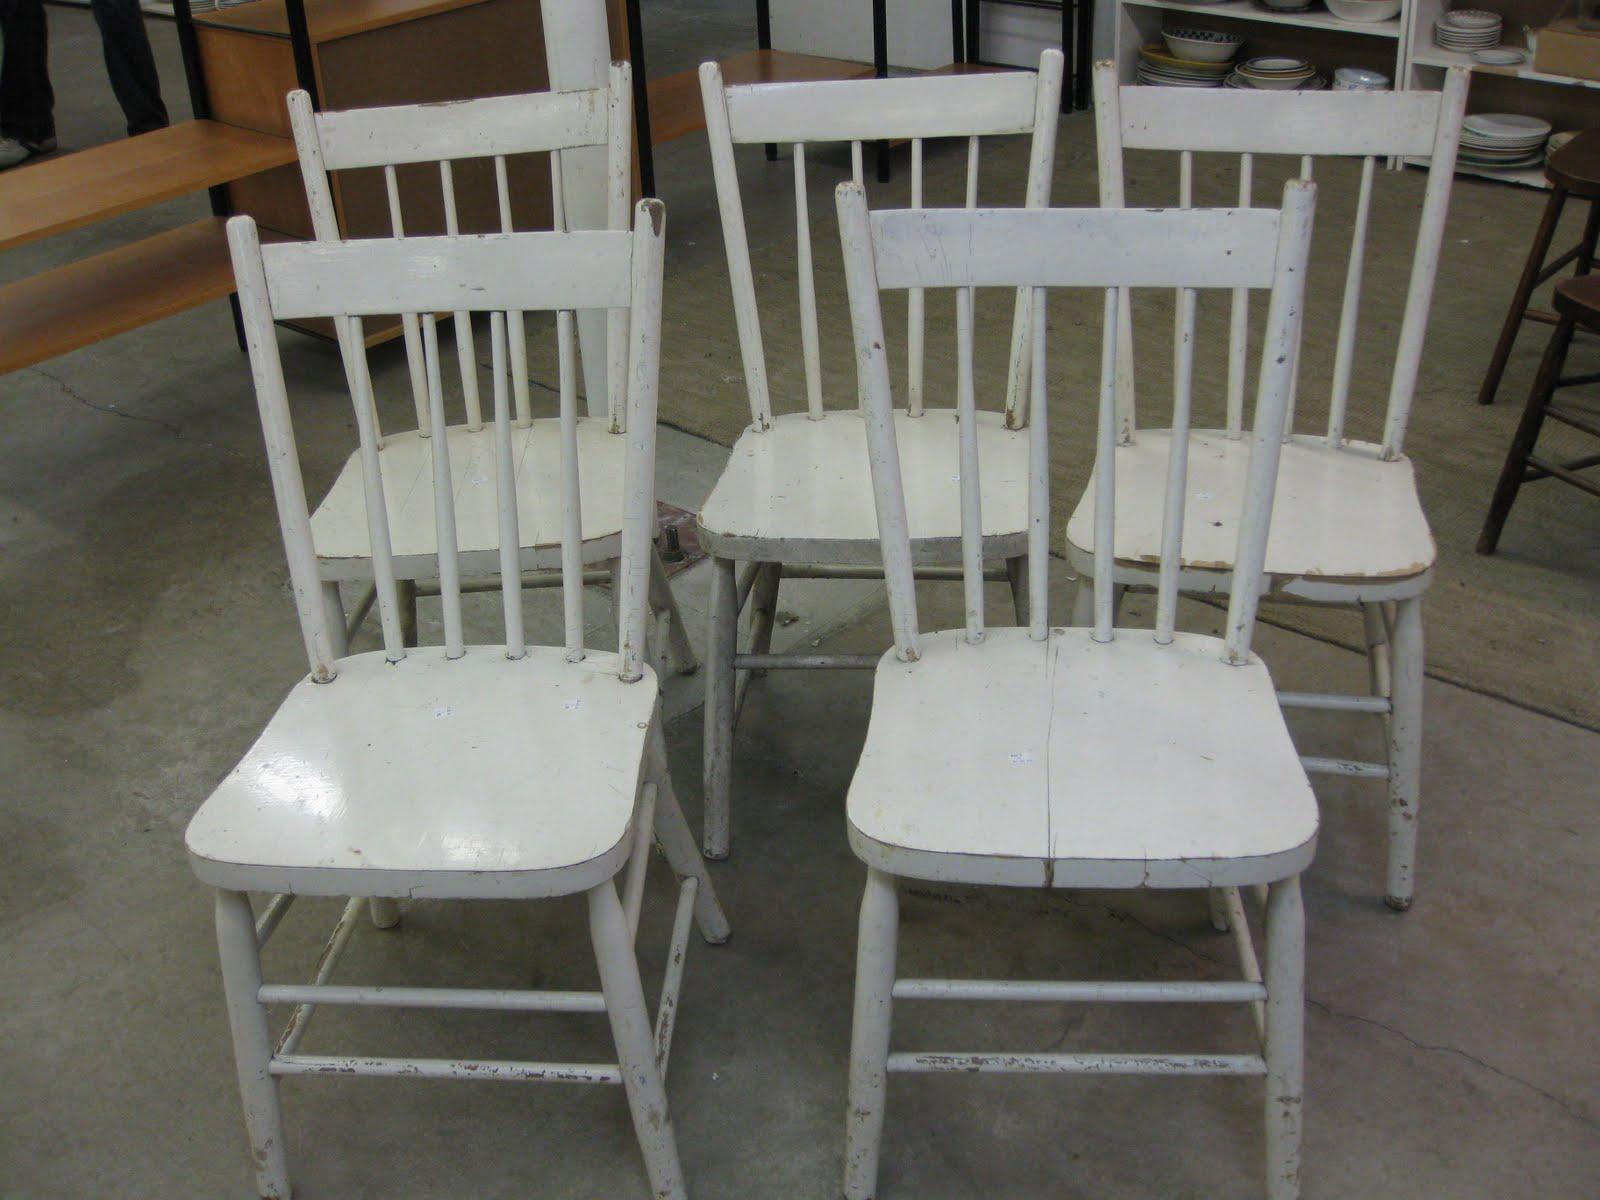 farmhouse kitchen chairs white sink razmataz a family of dining